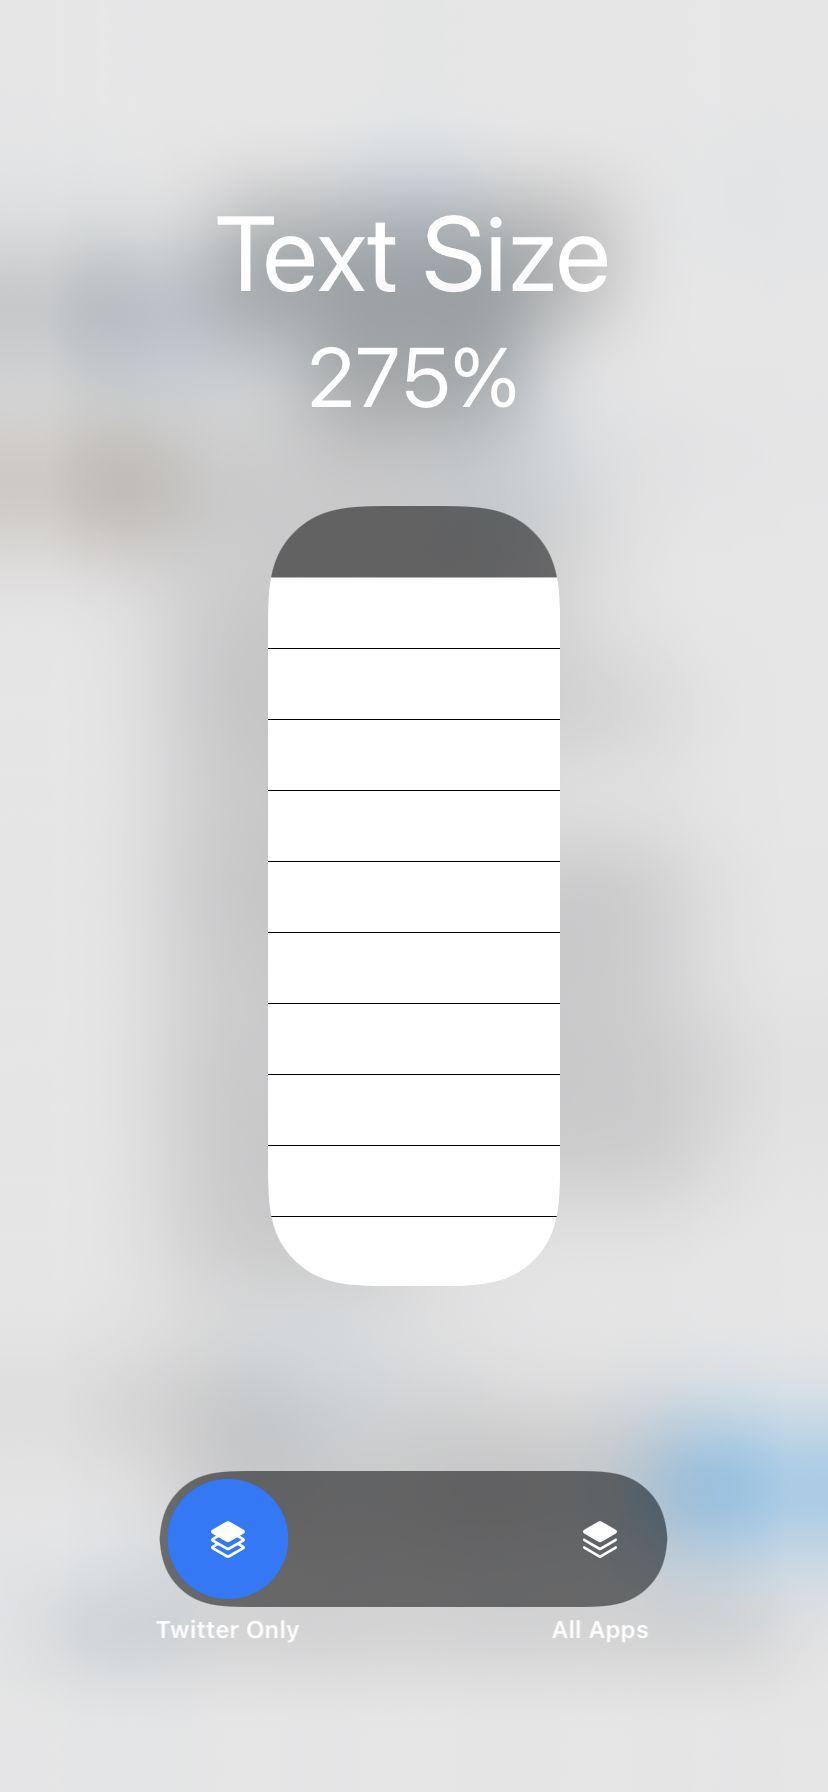 Comutarea din partea de jos vă permite să comutați dimensiunea textului pentru o singură aplicație.